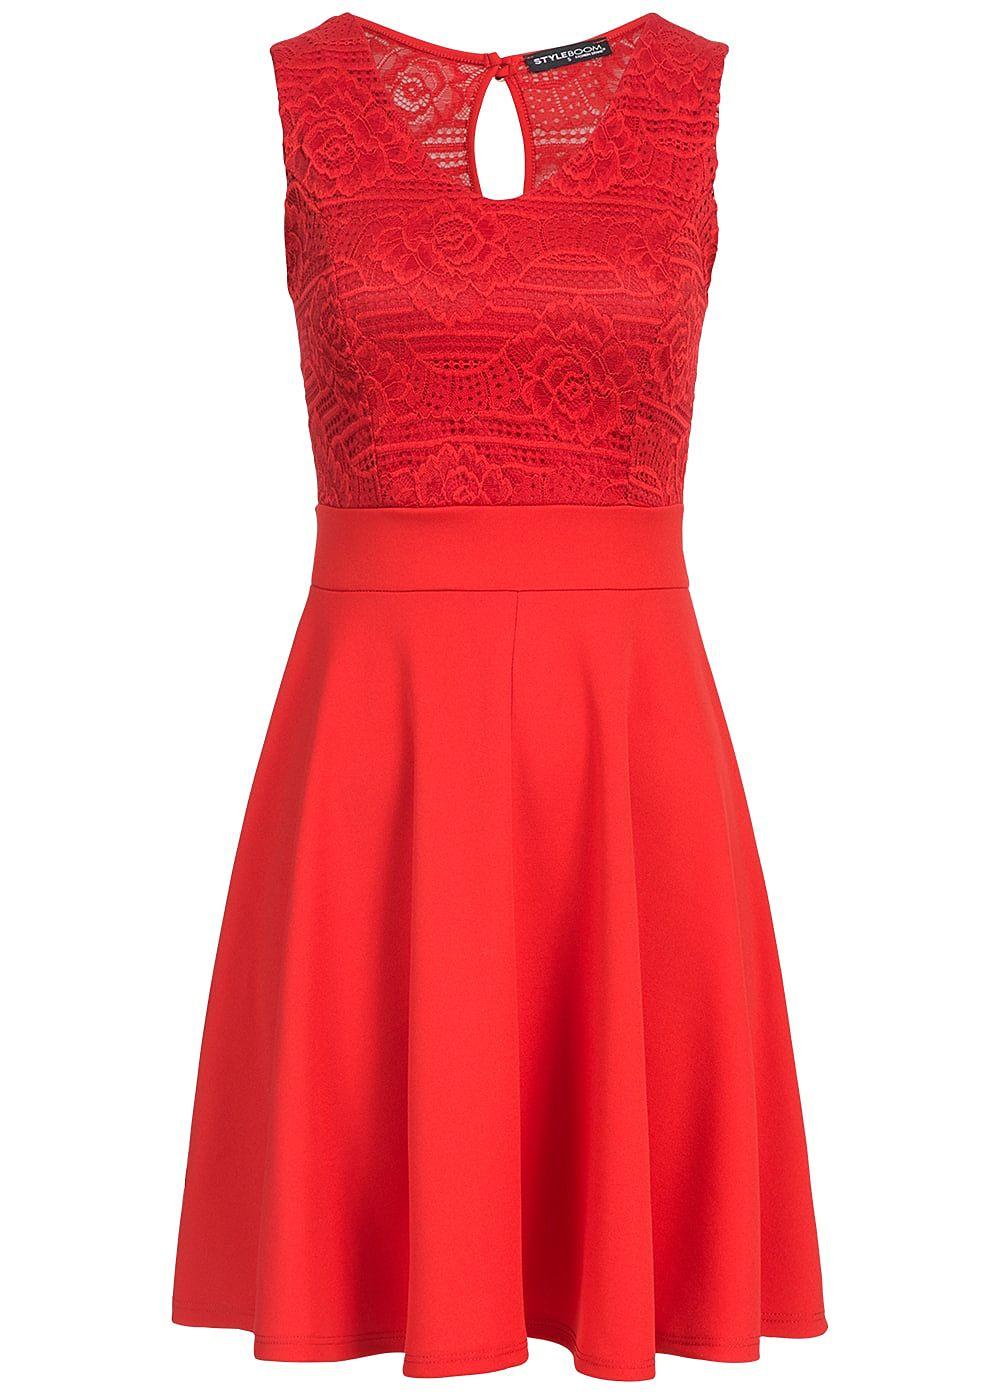 COLLUSION – Figurbetontes Kleid mit hinten überkreuzten Trägern. 16,99 €.